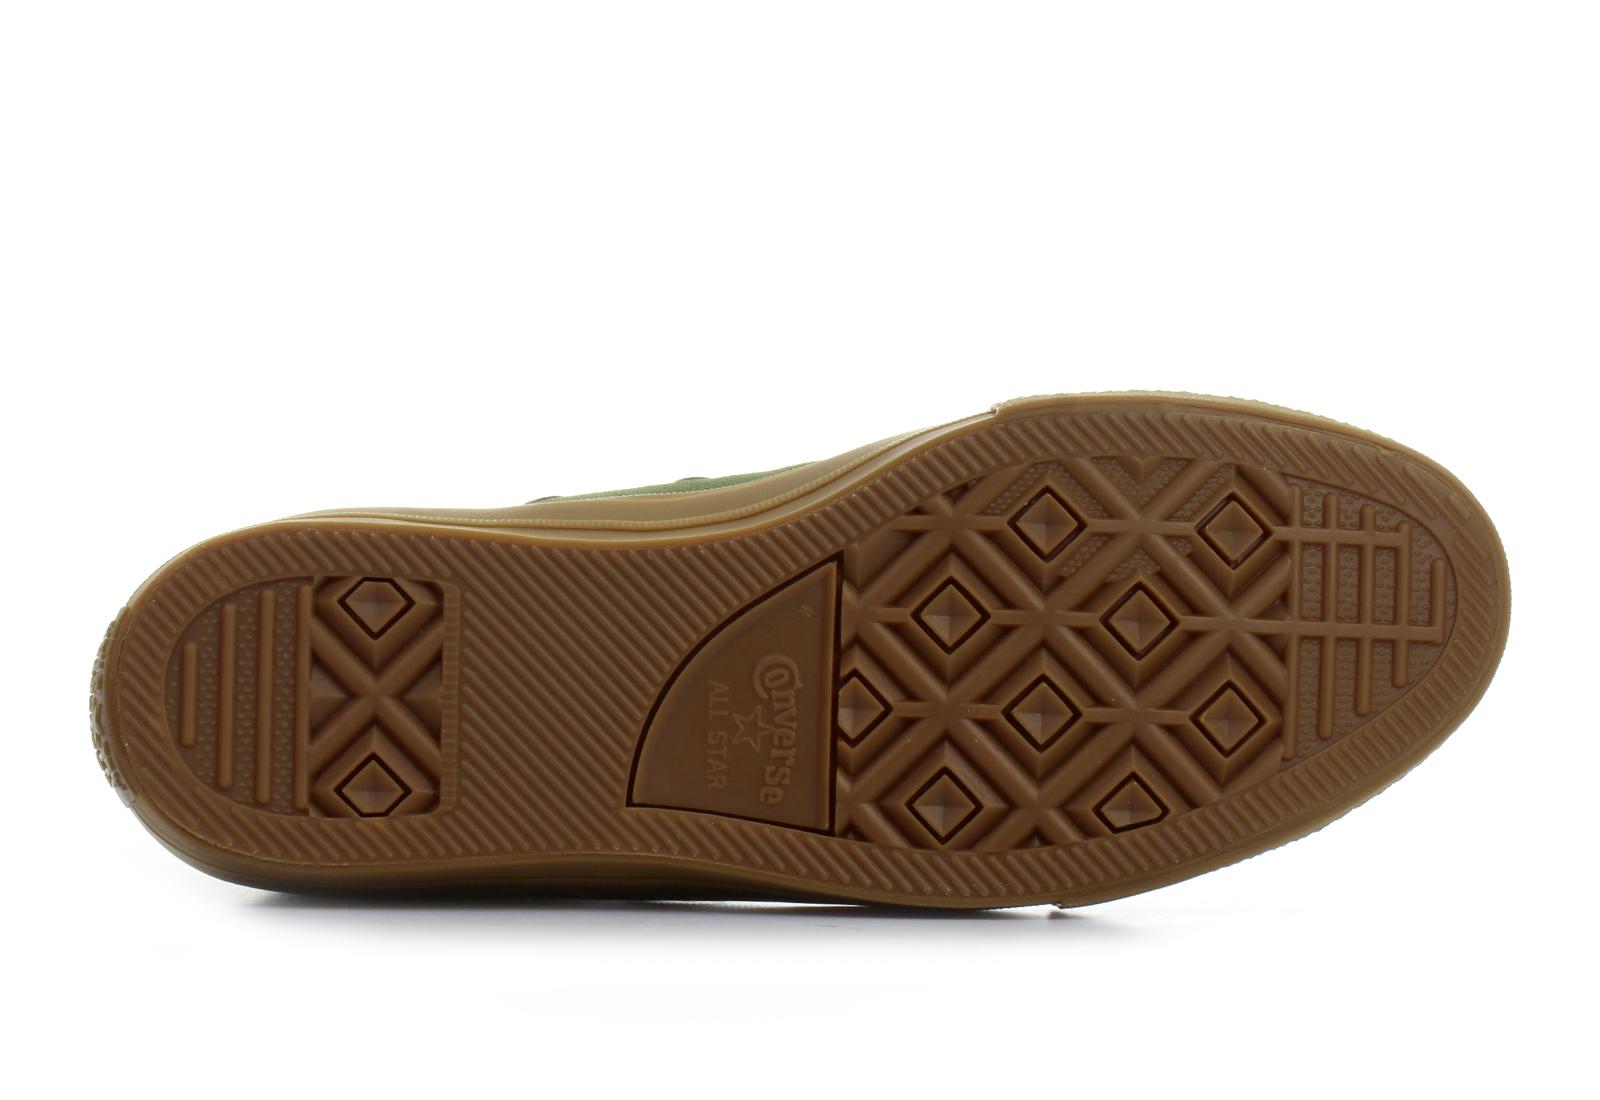 c0abddc0a6f Converse Sneakers - Chuck Taylor All Star II Gumsole Hi - 155498C ...